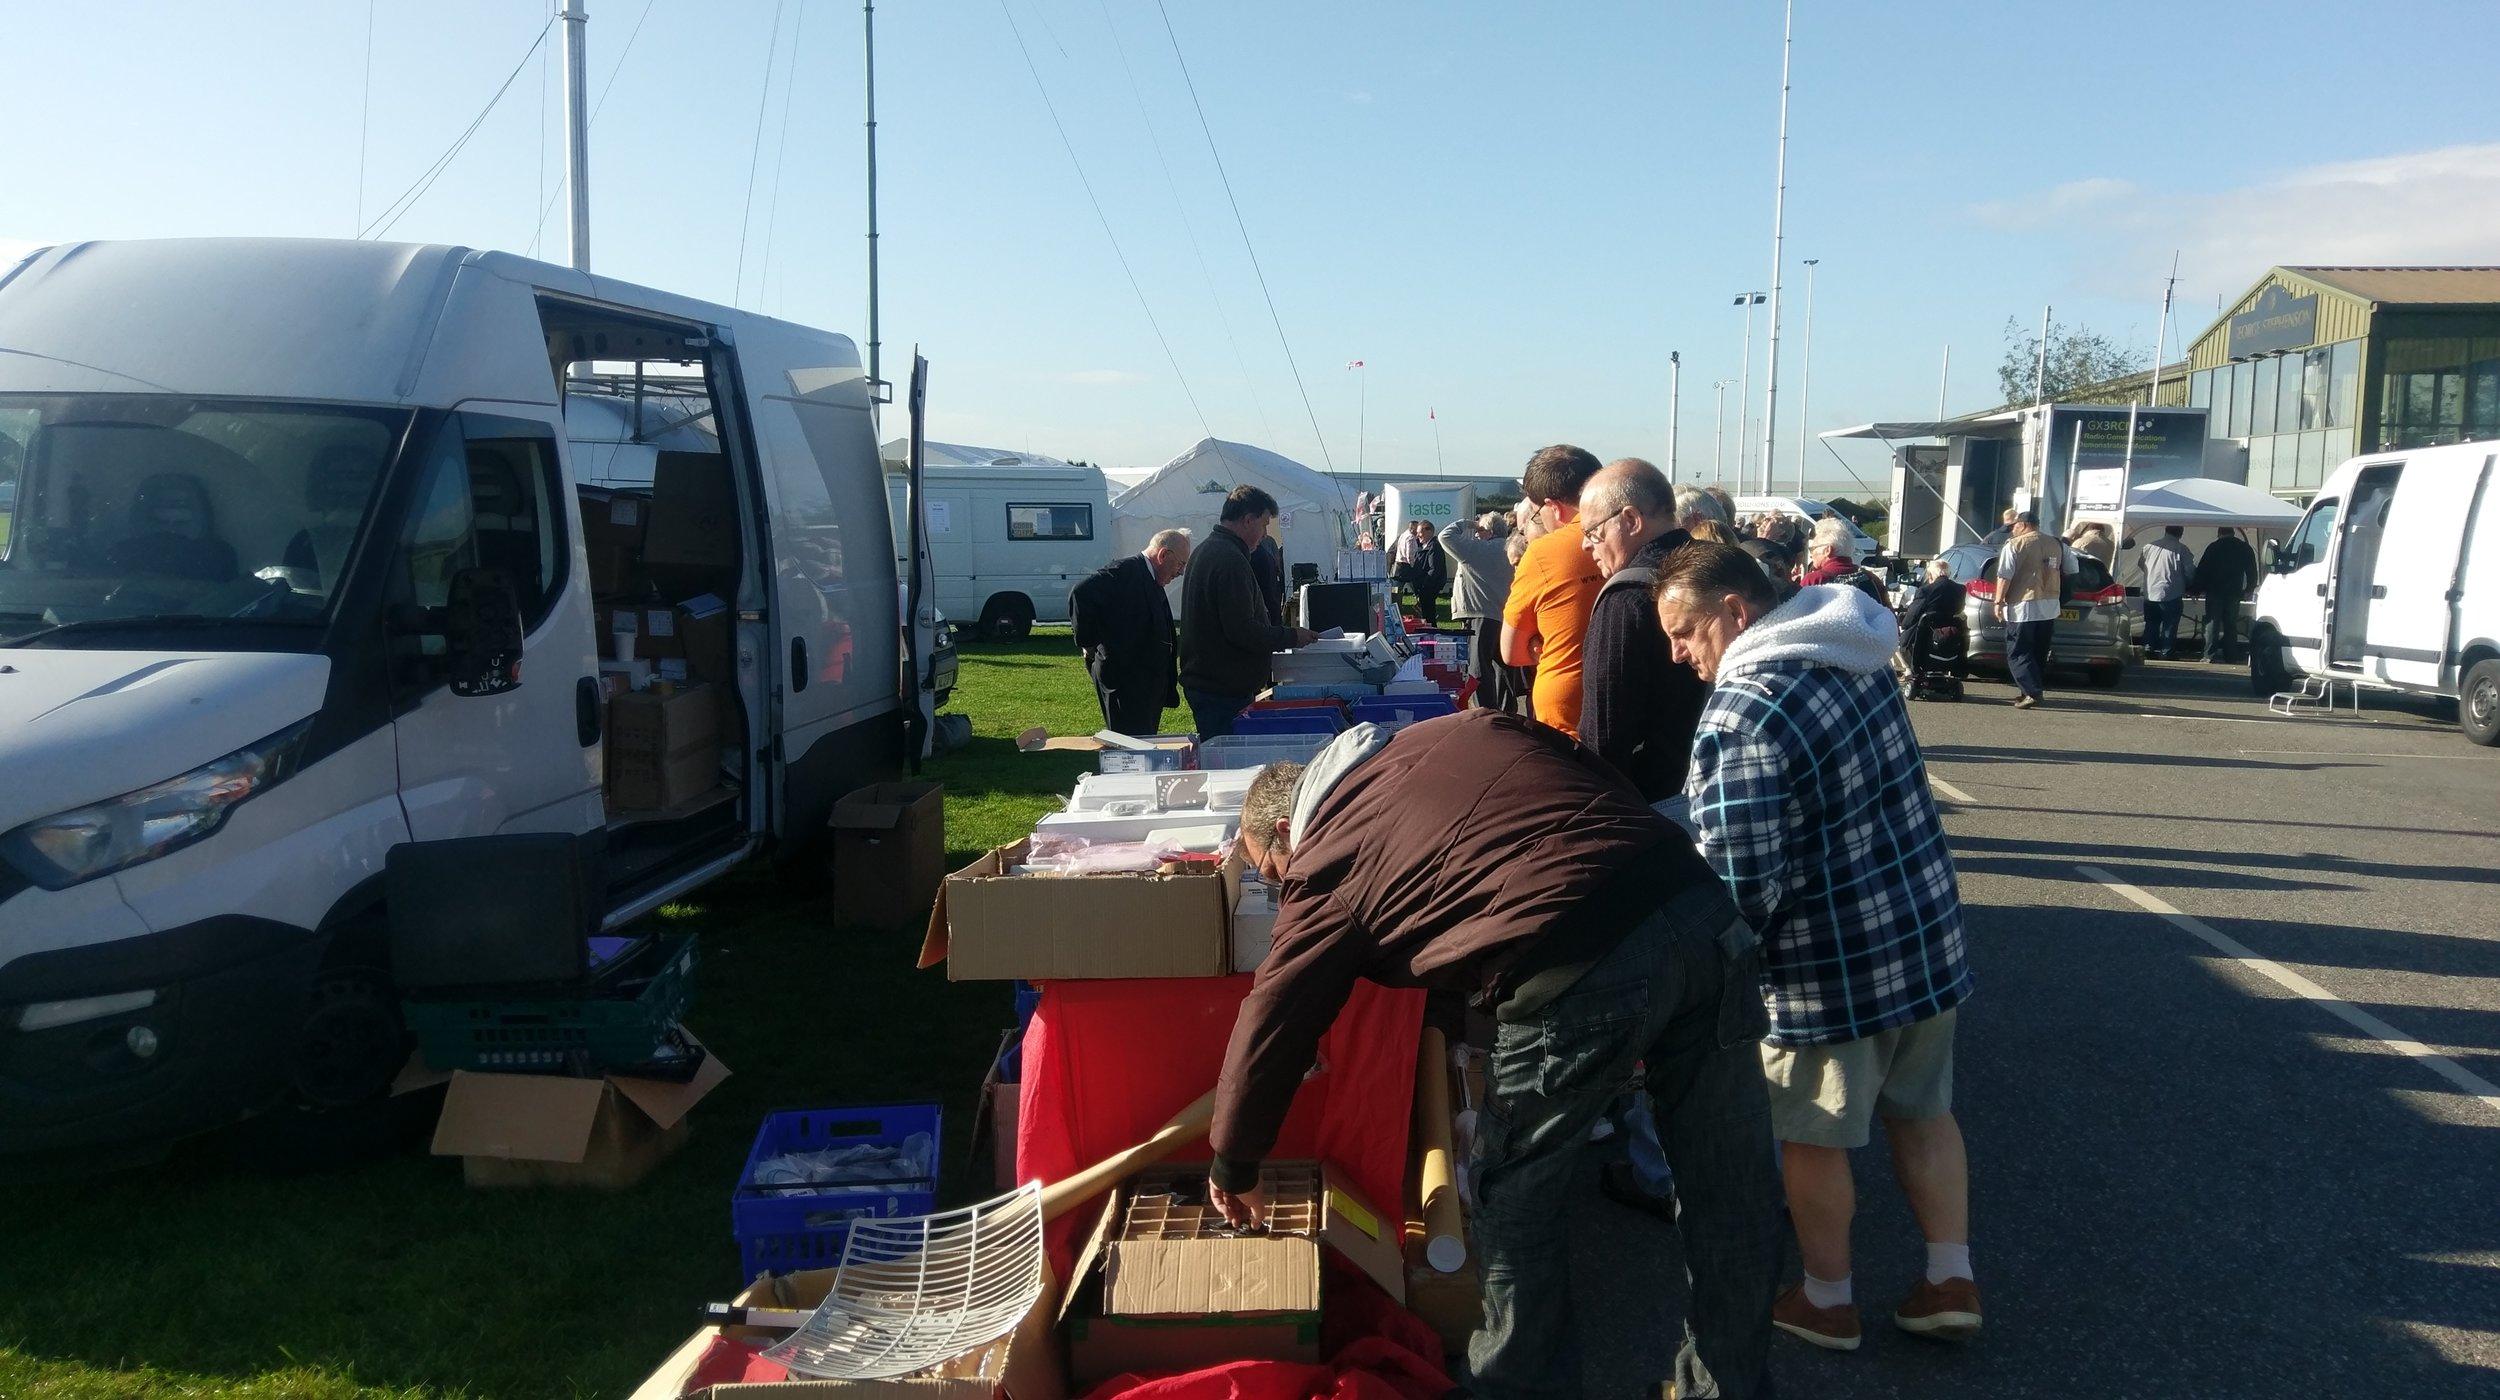 Flea Market at Hamfest